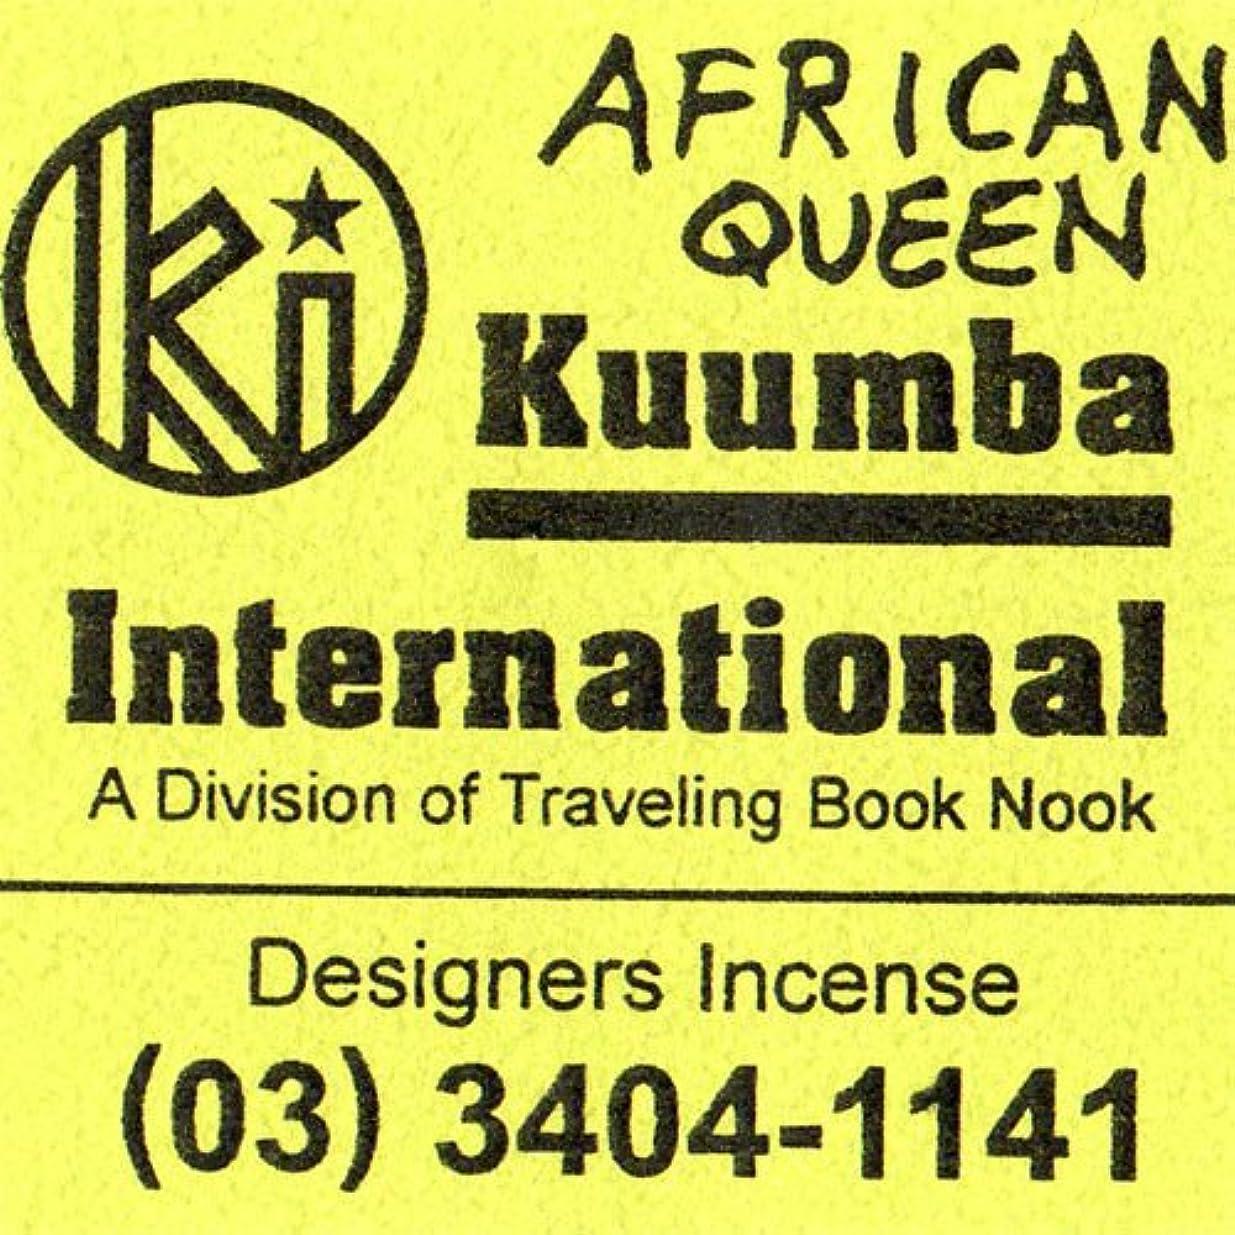 貧困トライアスロン信じる(クンバ) KUUMBA『incense』(AFRICAN QUEEN) (Regular size)